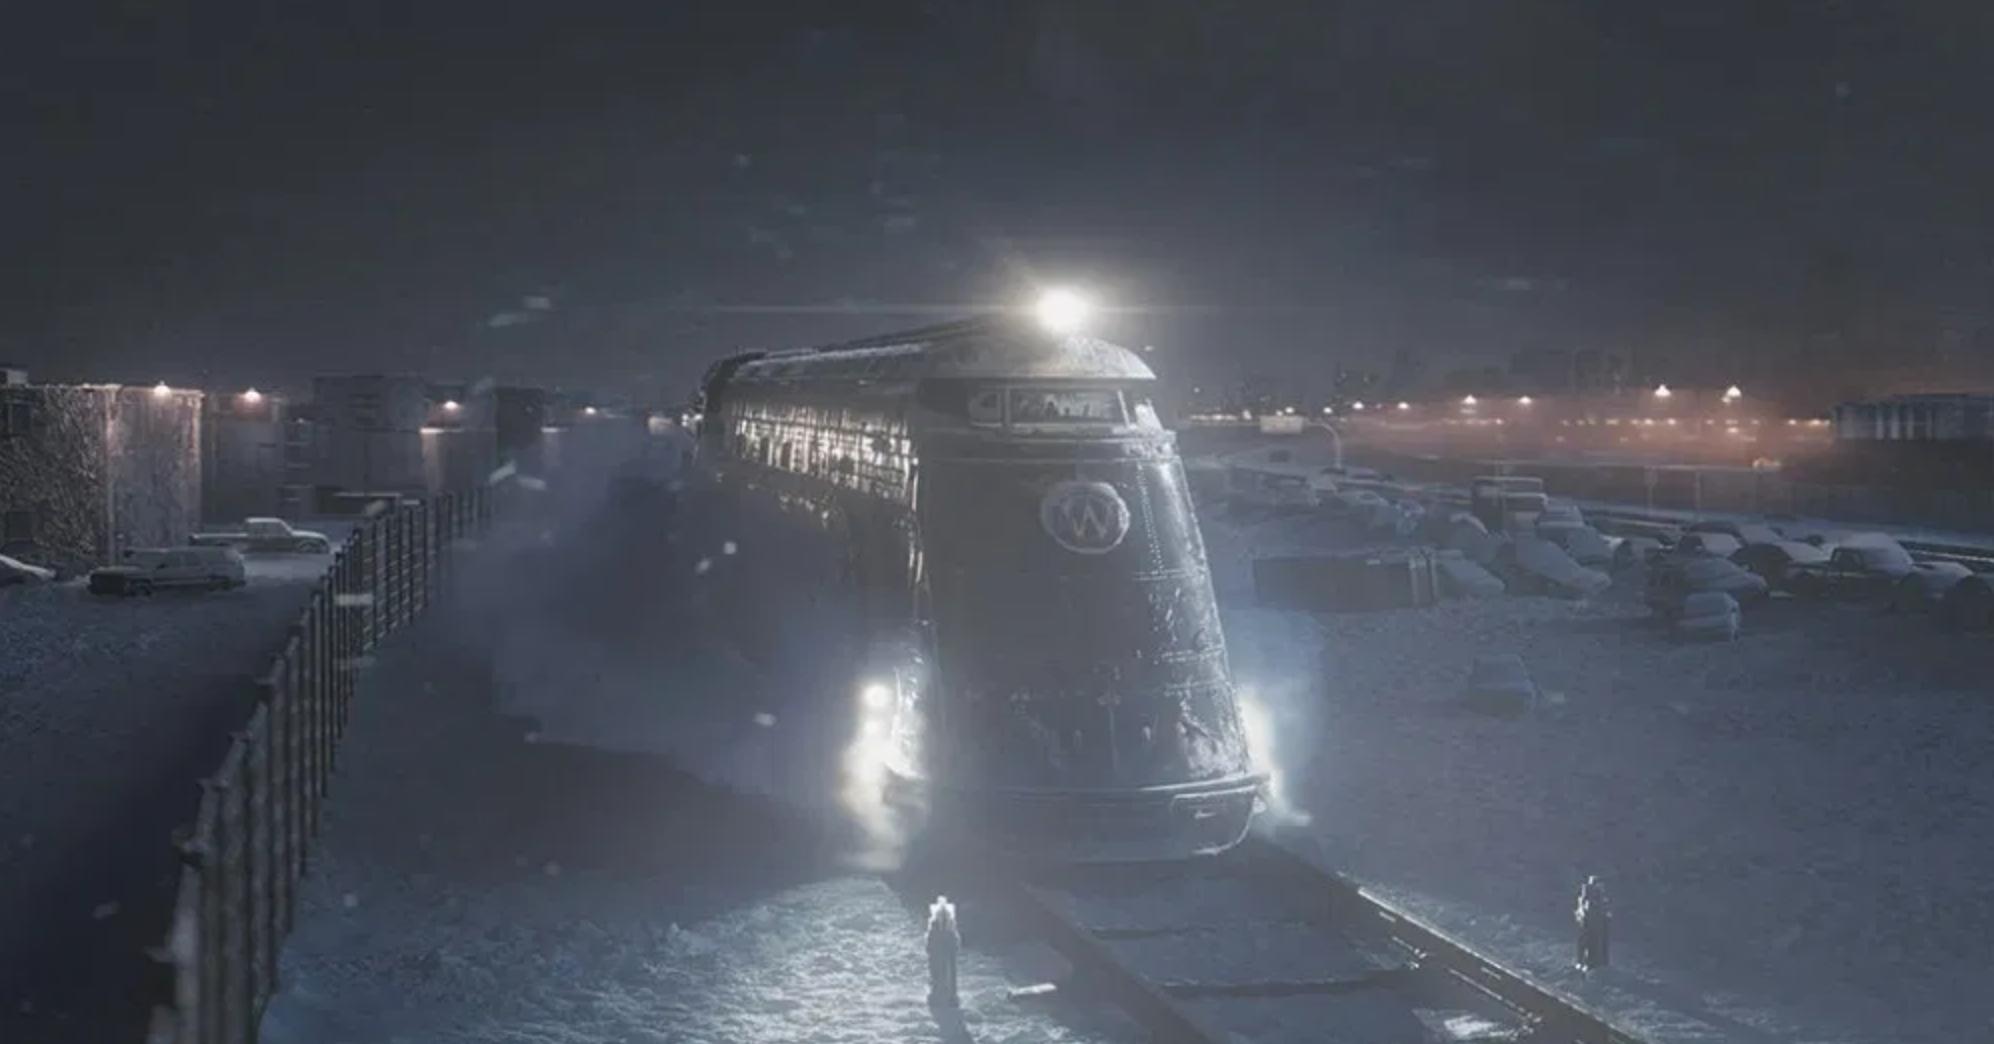 Snowpiecer ซีรีส์ที่นำเสนอความจริงของสังคมผ่านรถไฟแห่งความเหลื่อมล้ำและชนชั้น, Bong Jun Ho, บงจุนโฮ